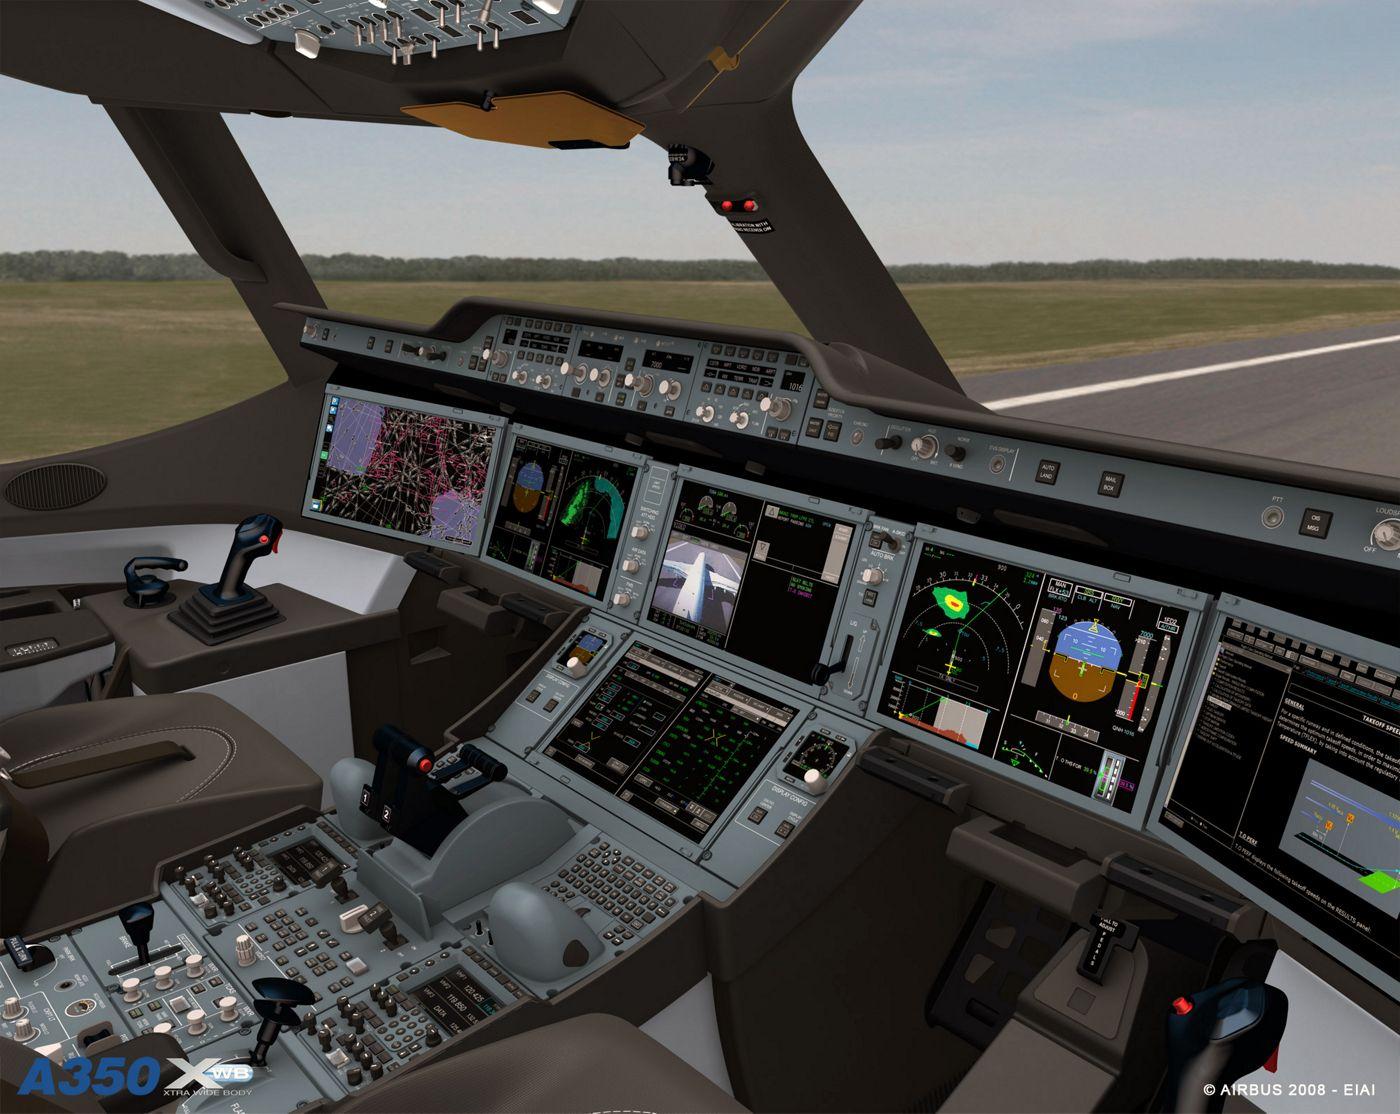 A350 cockpit virtual visit